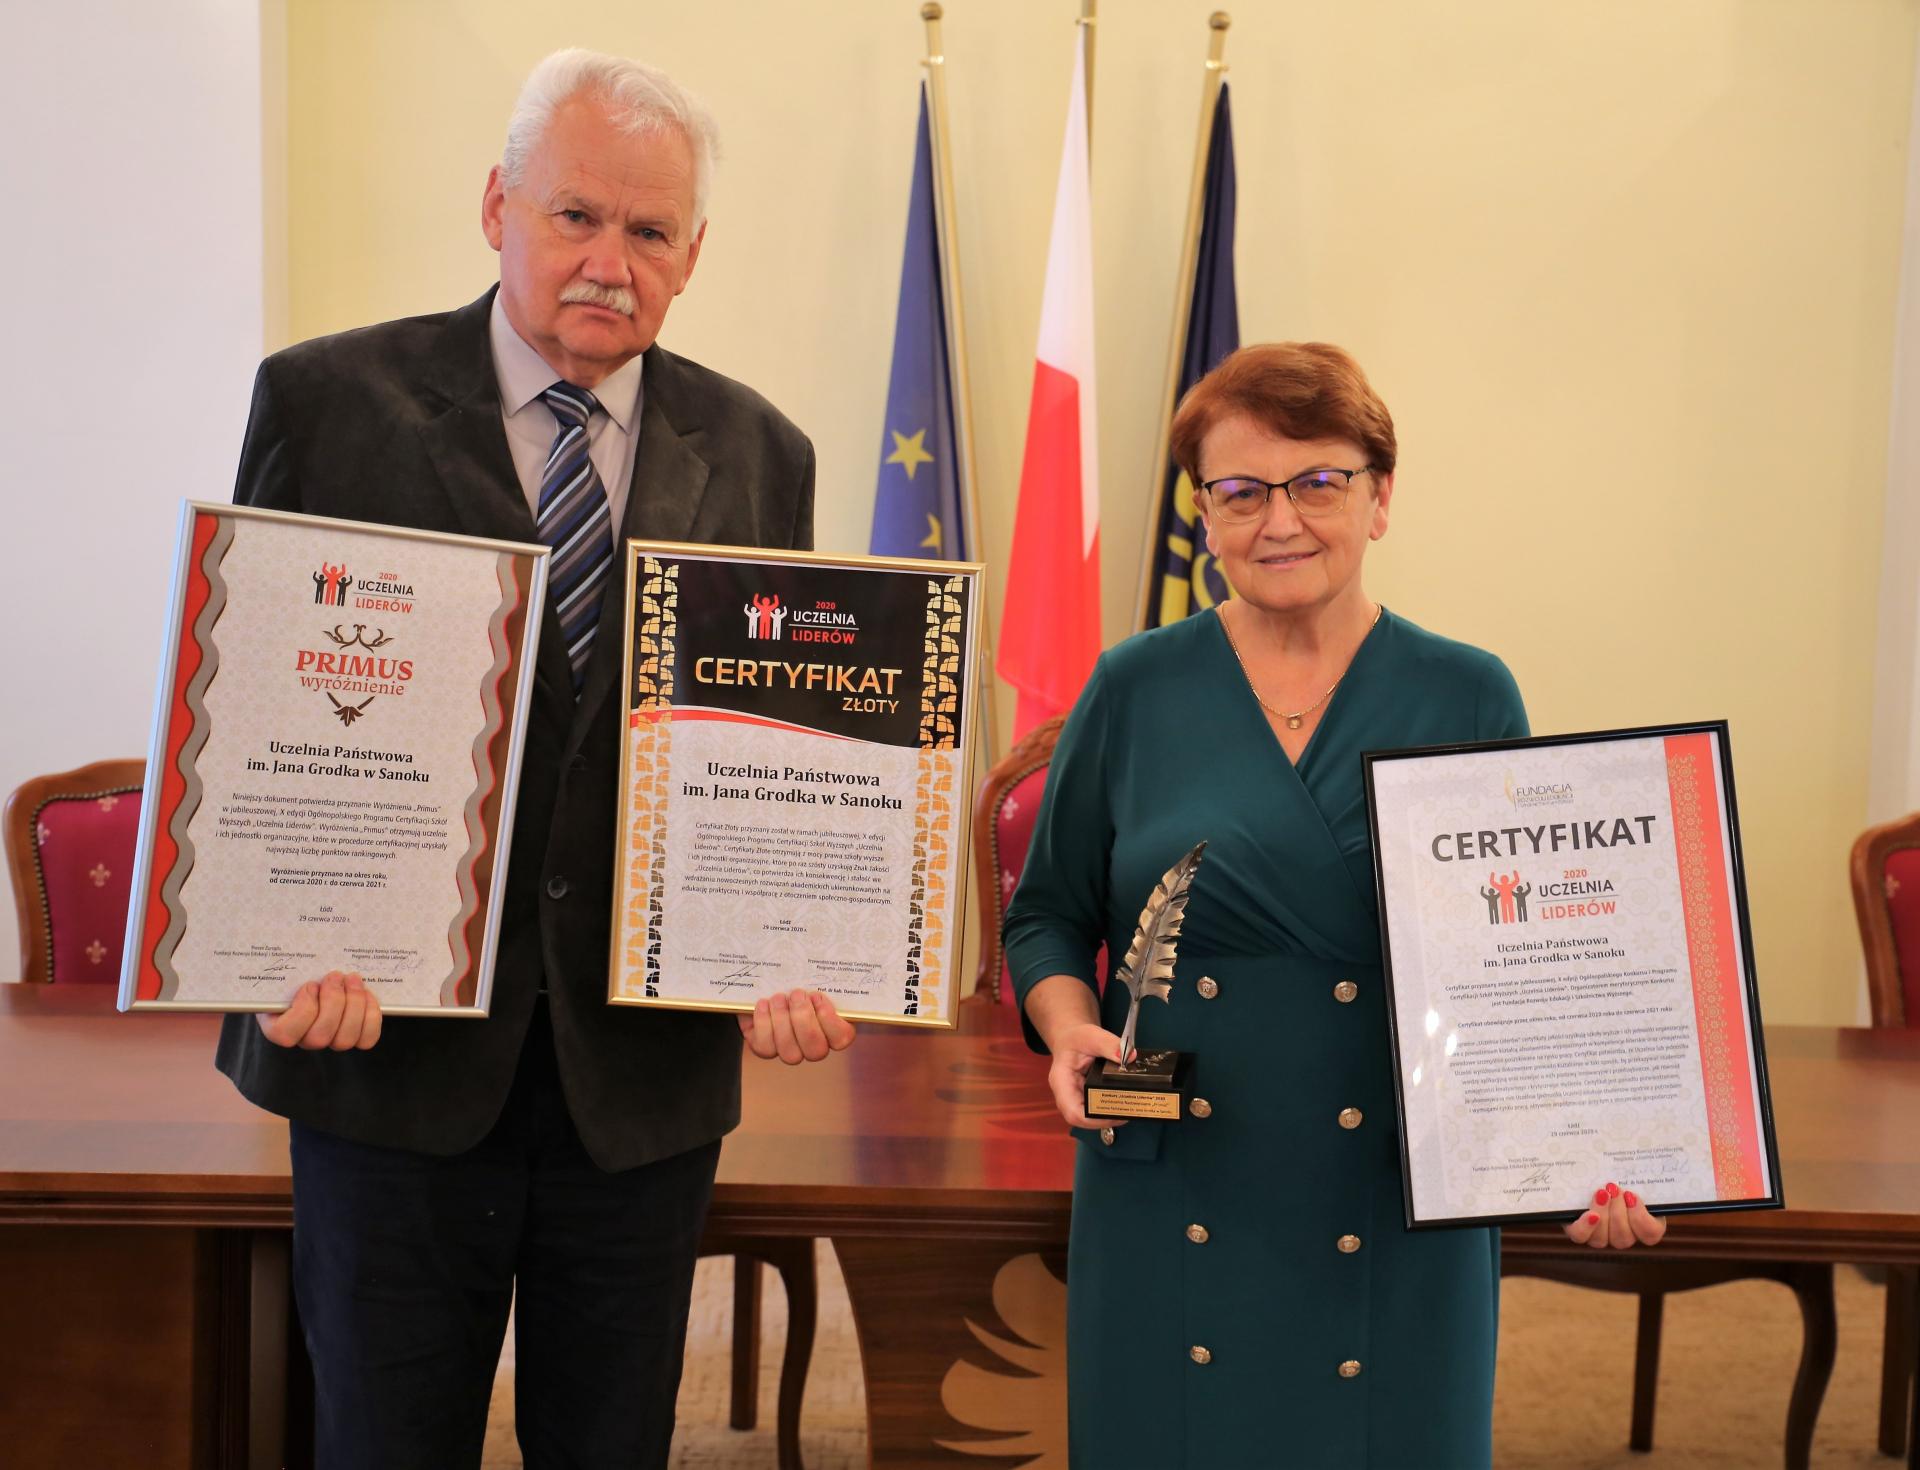 """Uczelnia Państwowa w Sanoku po raz szósty """"Uczelnią Liderów""""  - Zdjęcie główne"""